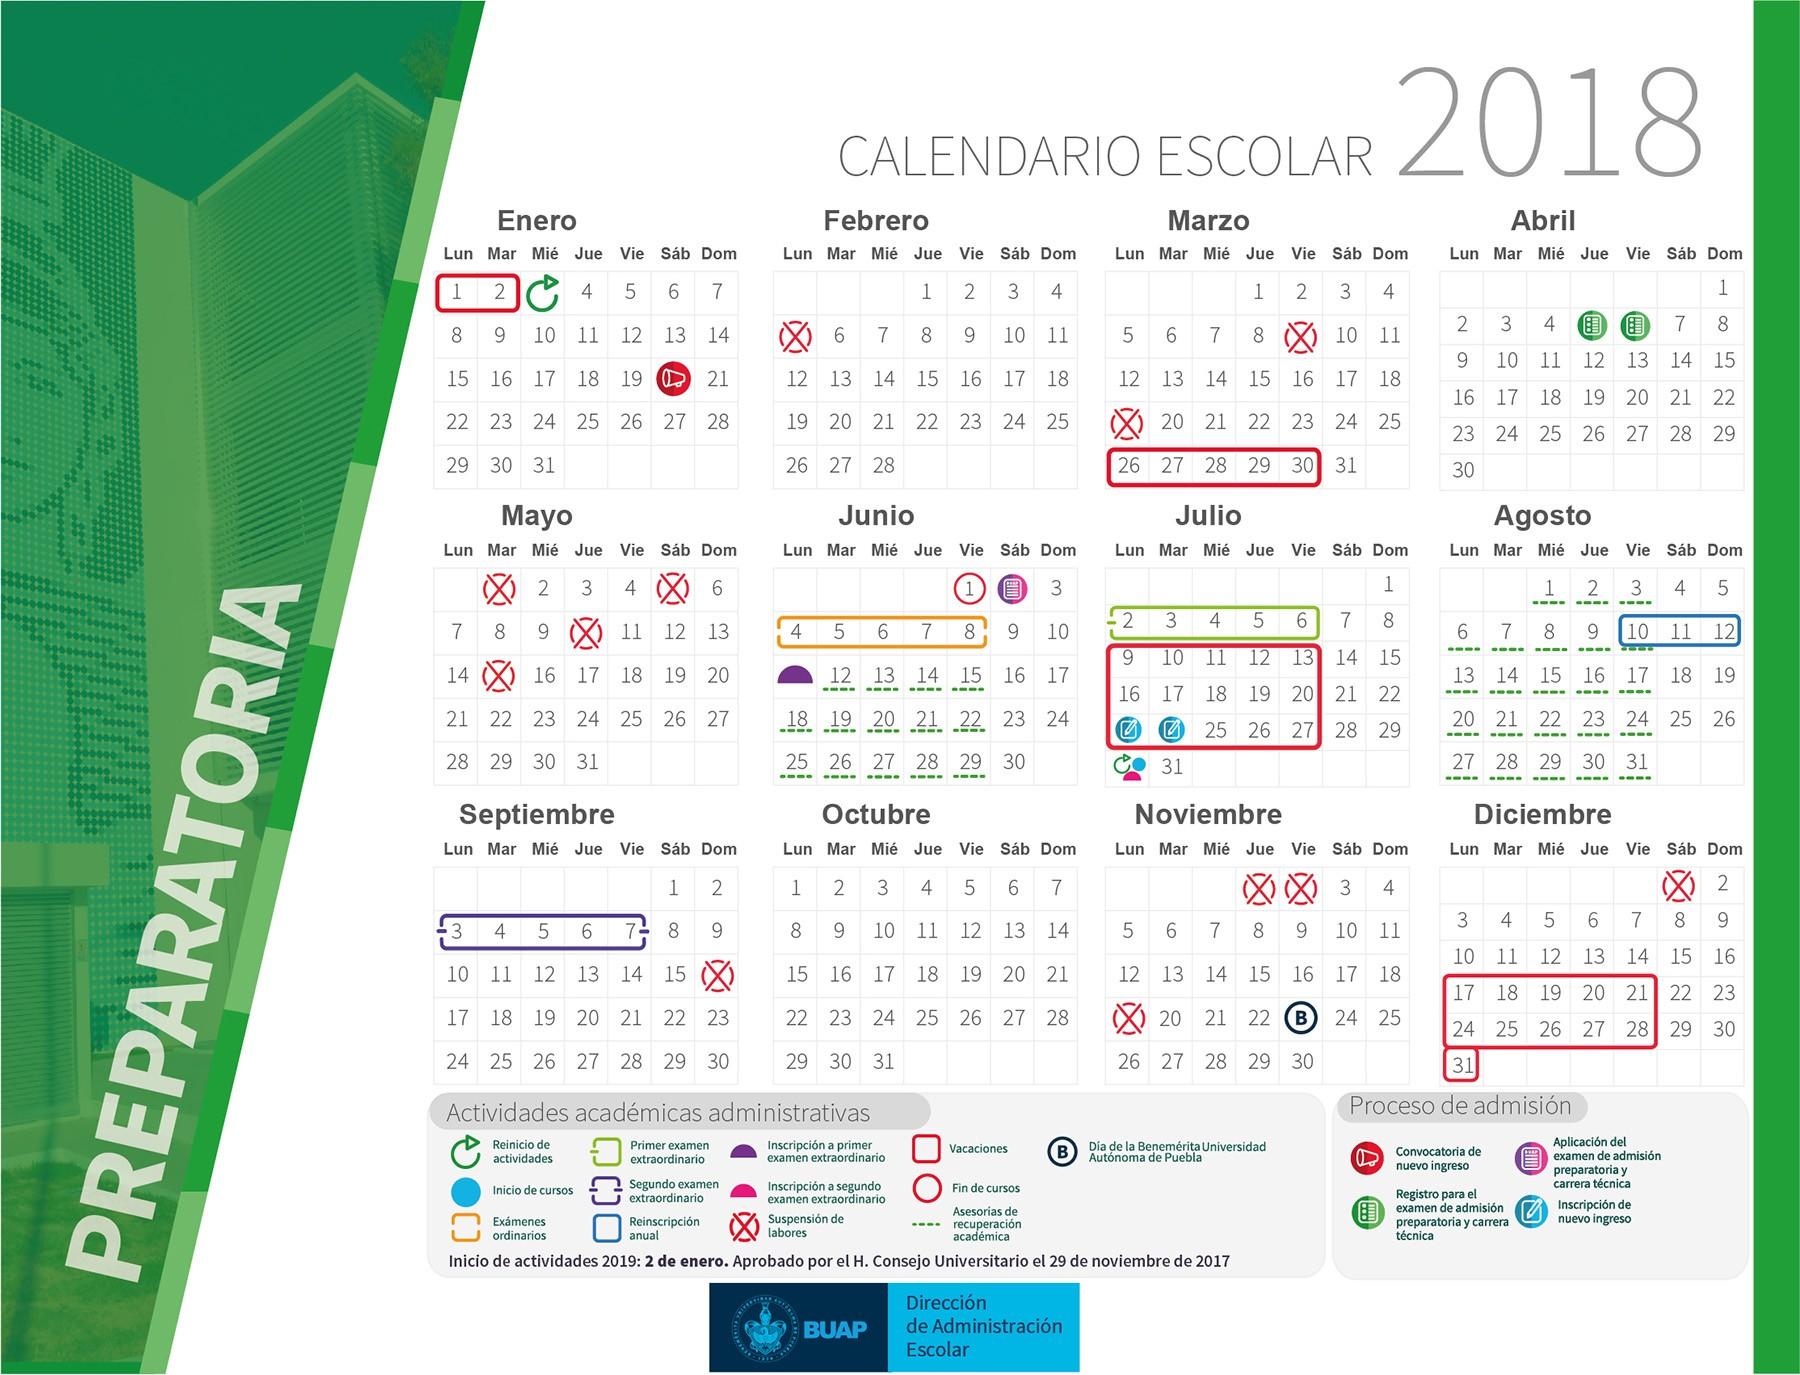 Calendario Para Imprimir Chile 2019 Más Populares Calendario Diciembre 2018 Calendarios T Diciembre Of Calendario Para Imprimir Chile 2019 Más Reciente Holamormon3 Primaria Lds Sud 2018